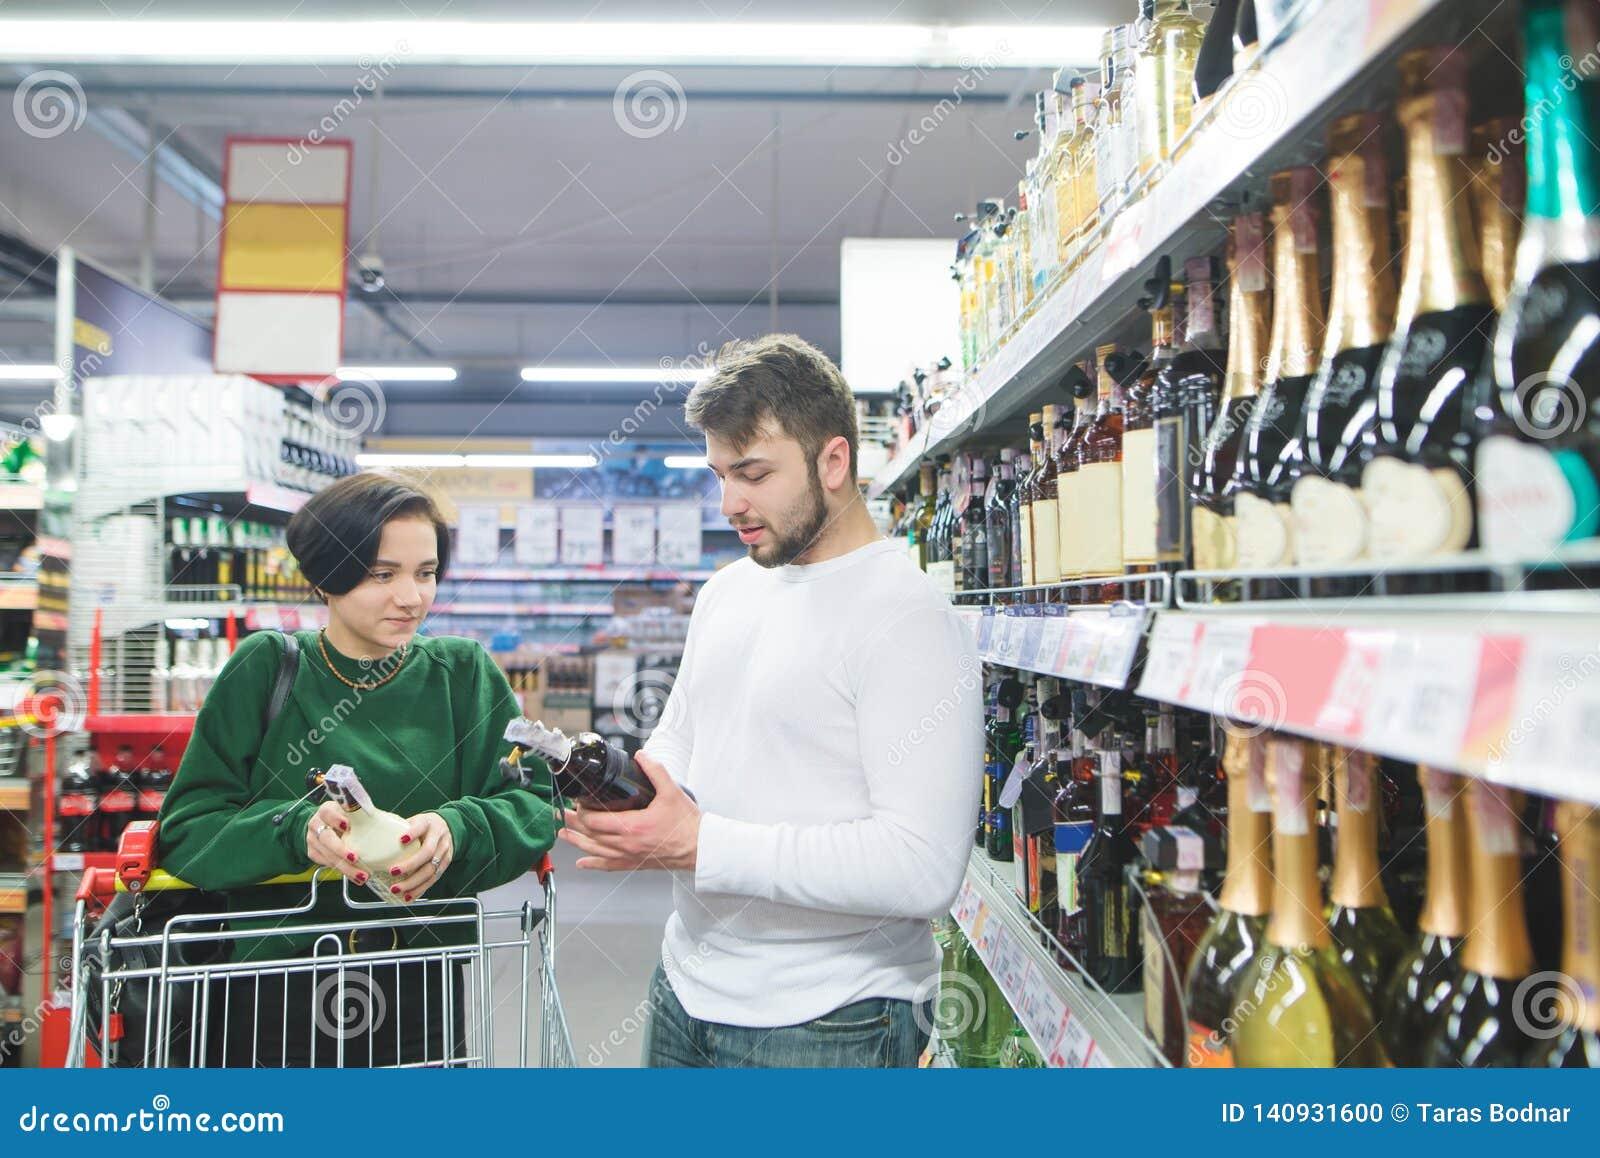 молодая красивая пара покупает алкоголь в магазине Пара выбирает вино на супермаркете